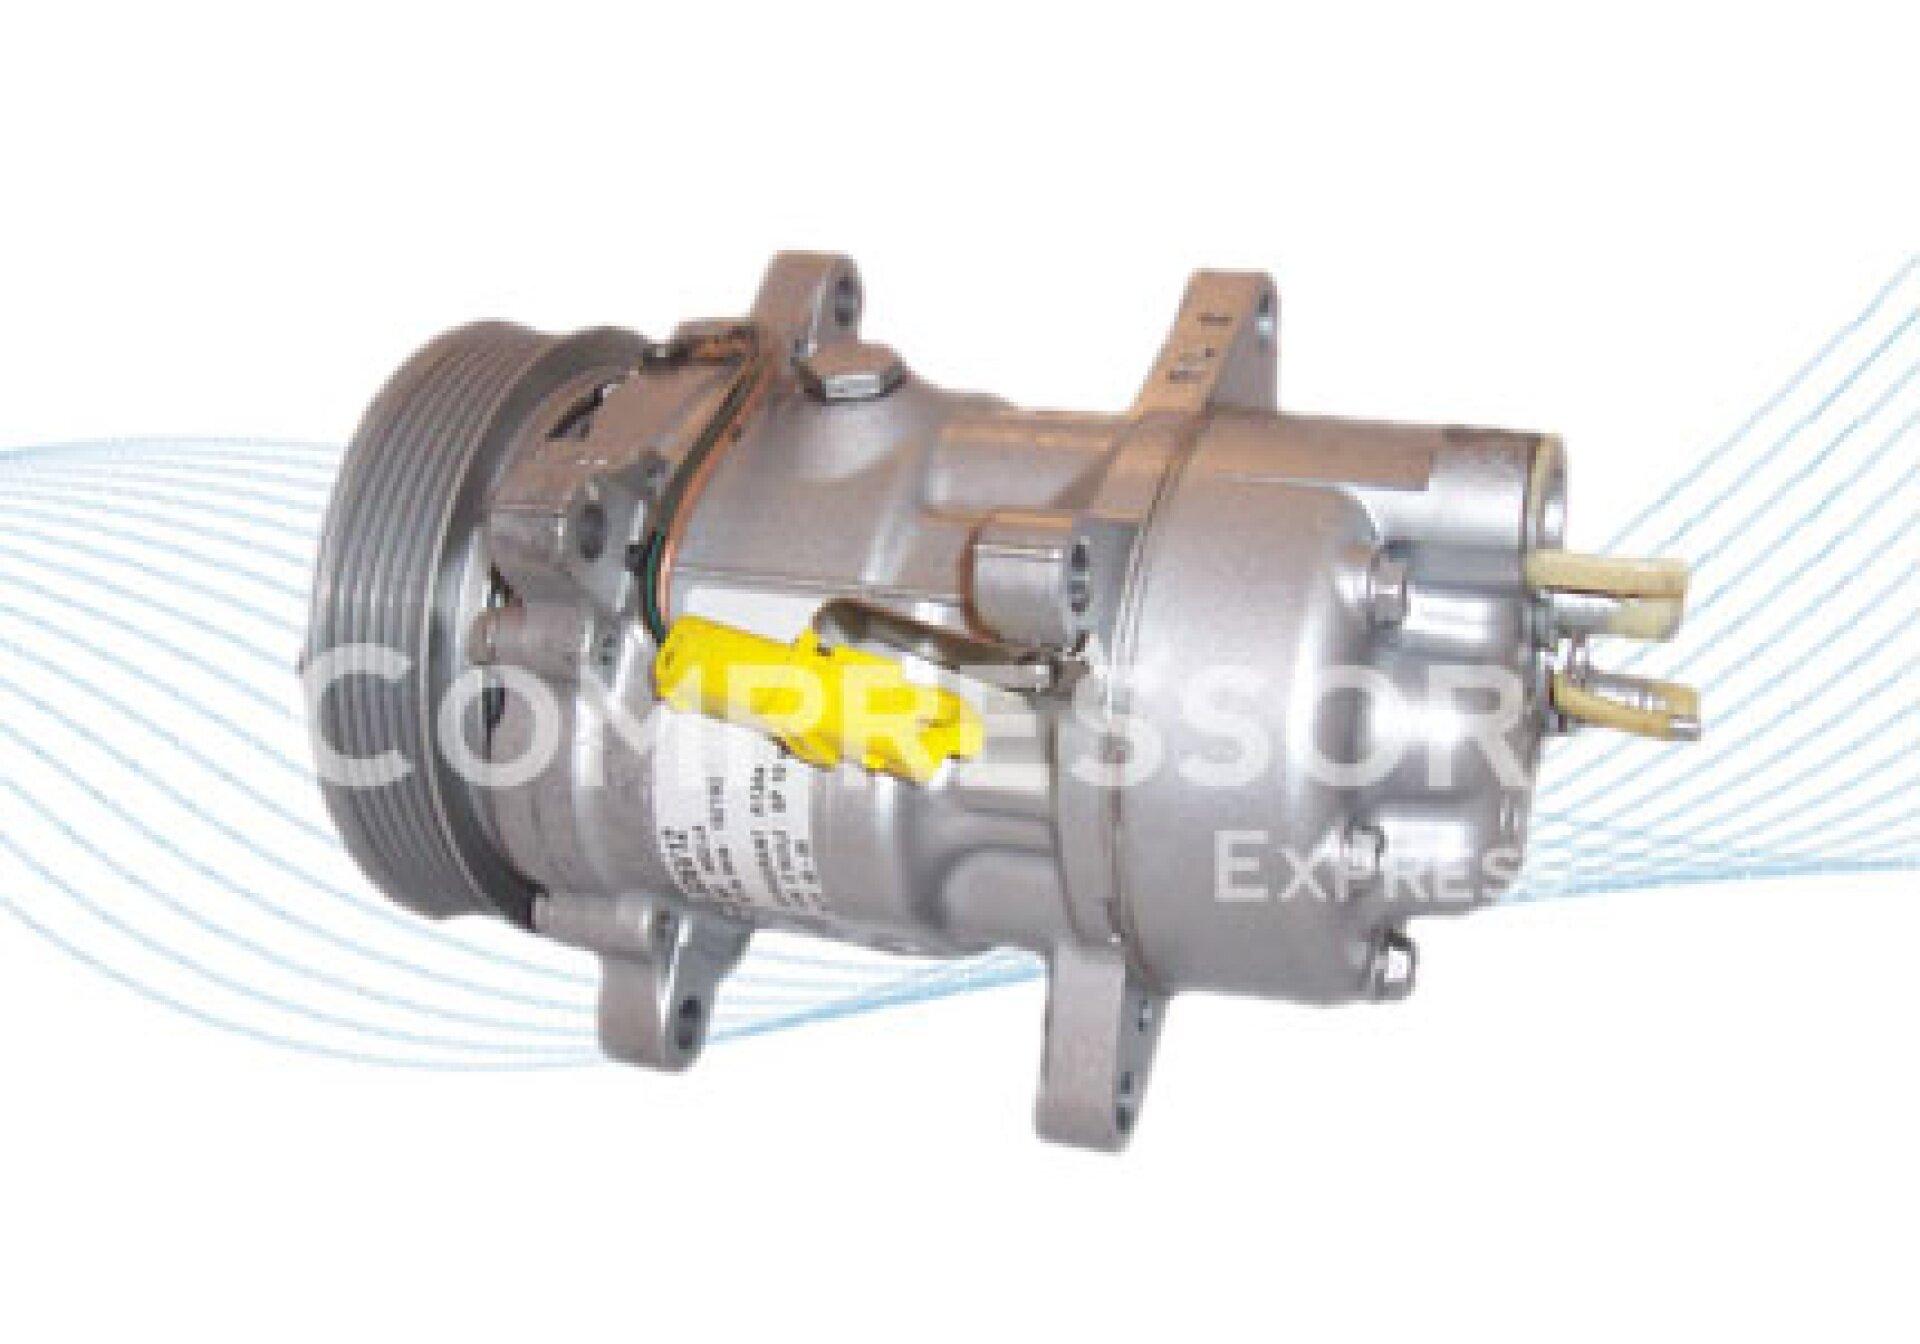 Sanden 6v12 compresor de aire acondicionado 1437 6453kw for Compresor de aire acondicionado